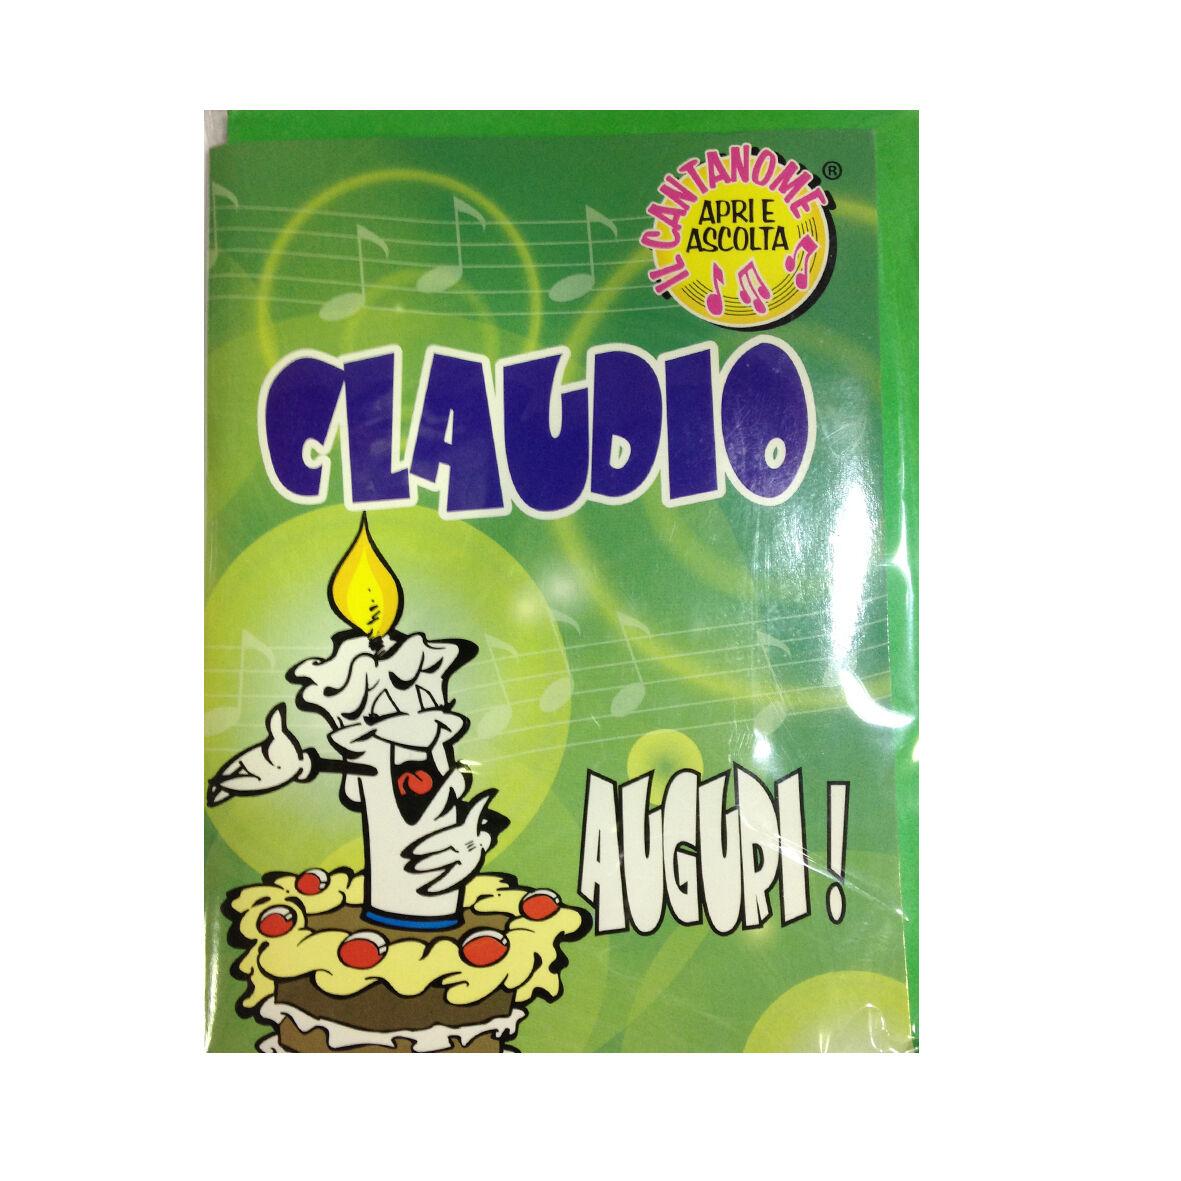 COMPLEANNO biglietto musicale canta nome CLAUDIO e TANTI AUGURI A TE